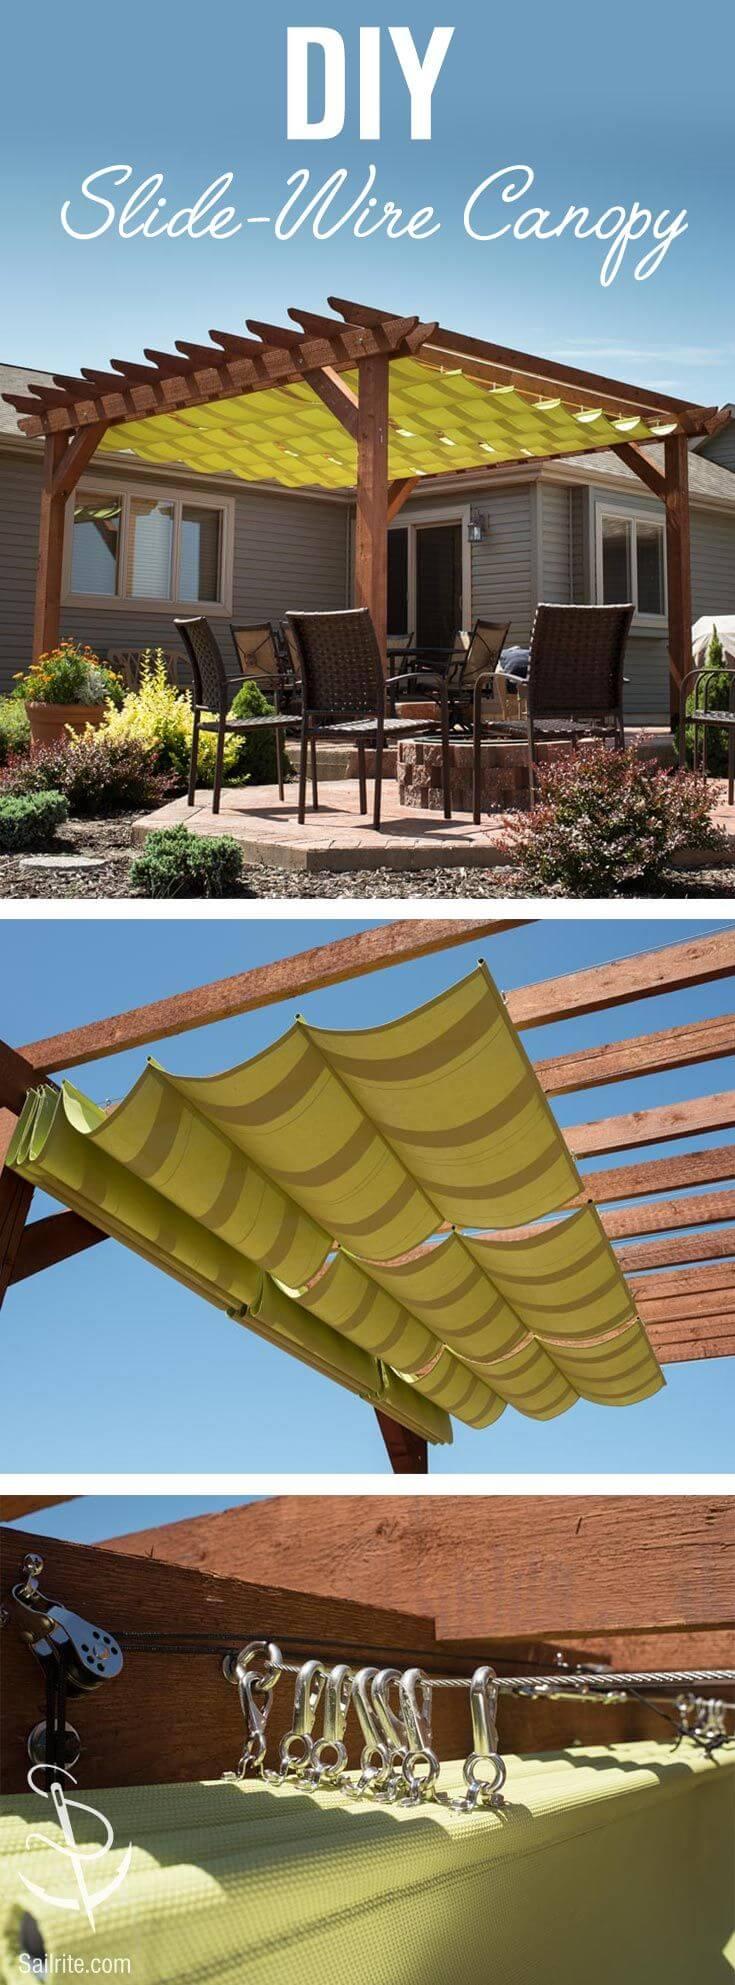 Backyard Pergola with Sliding Shade Canopy